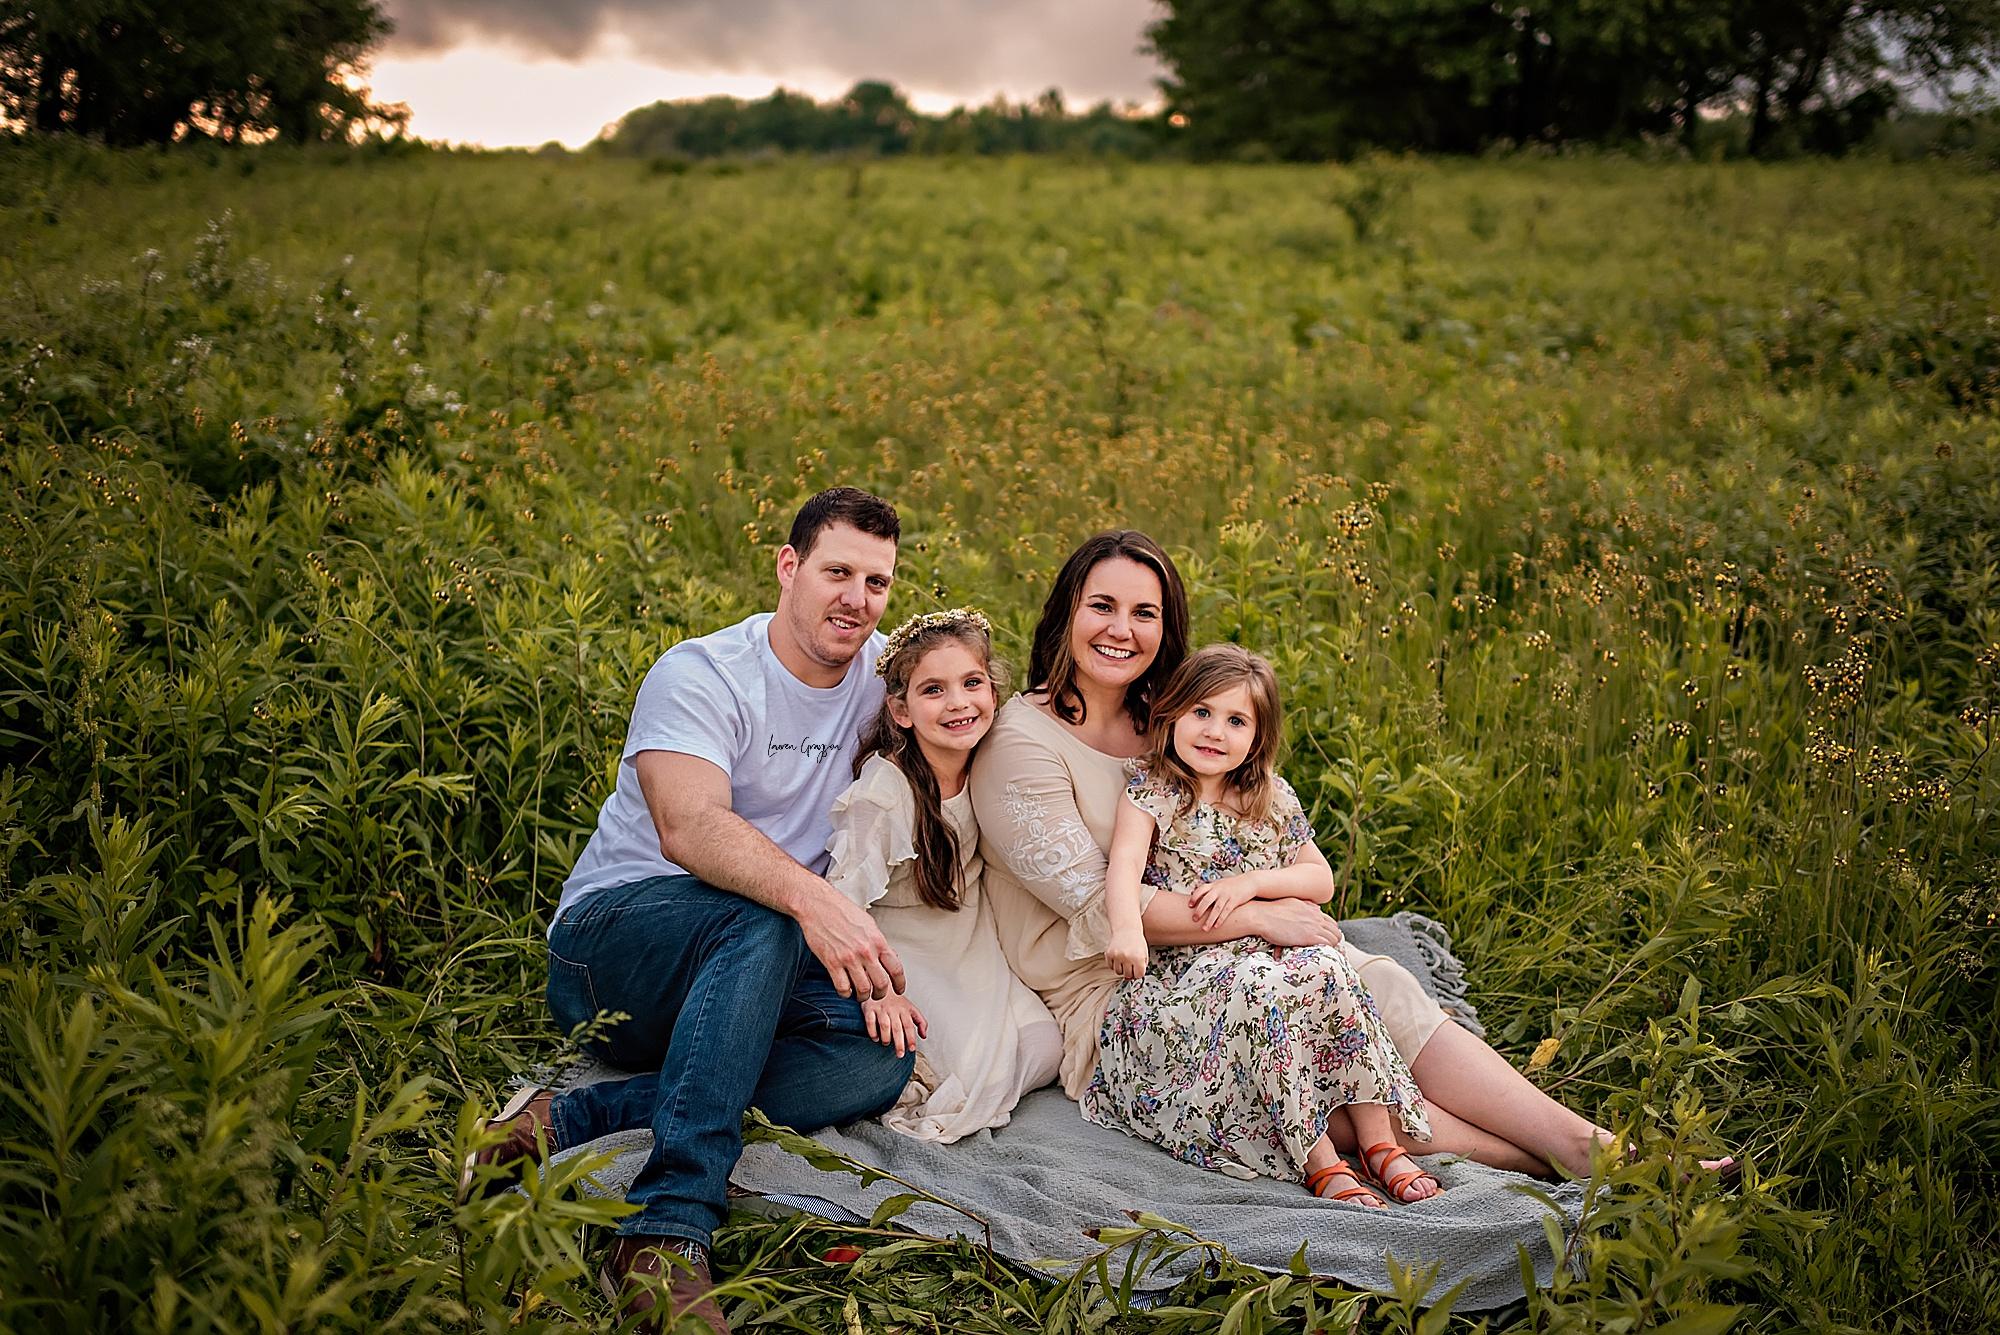 lauren-grayson-photography-akron-ridenour-family-summer-fields-sunset-session_0029.jpg